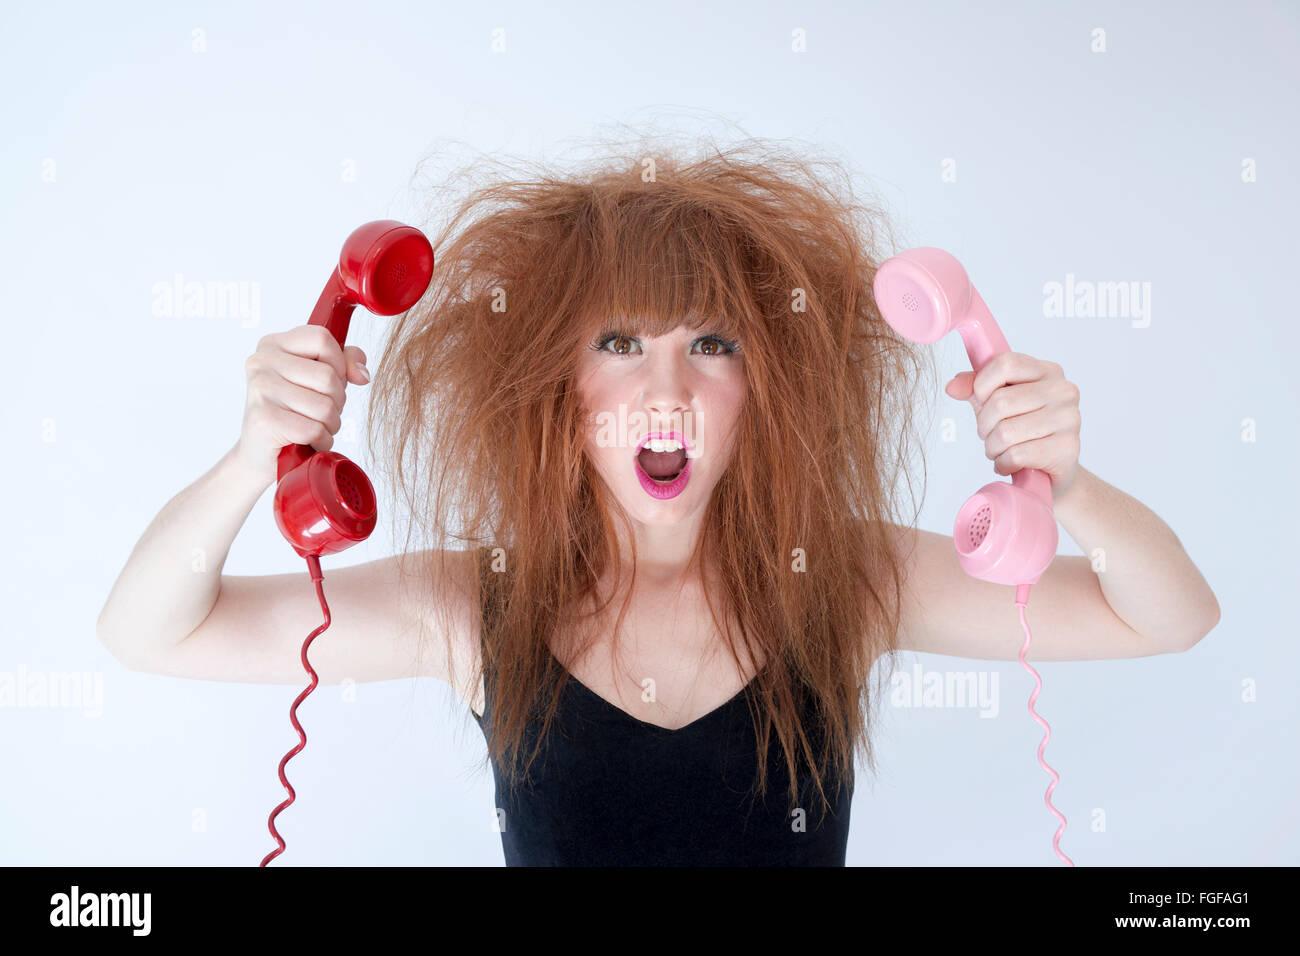 Femme aux cheveux en désordre tenant deux cris téléphones rétro Photo Stock